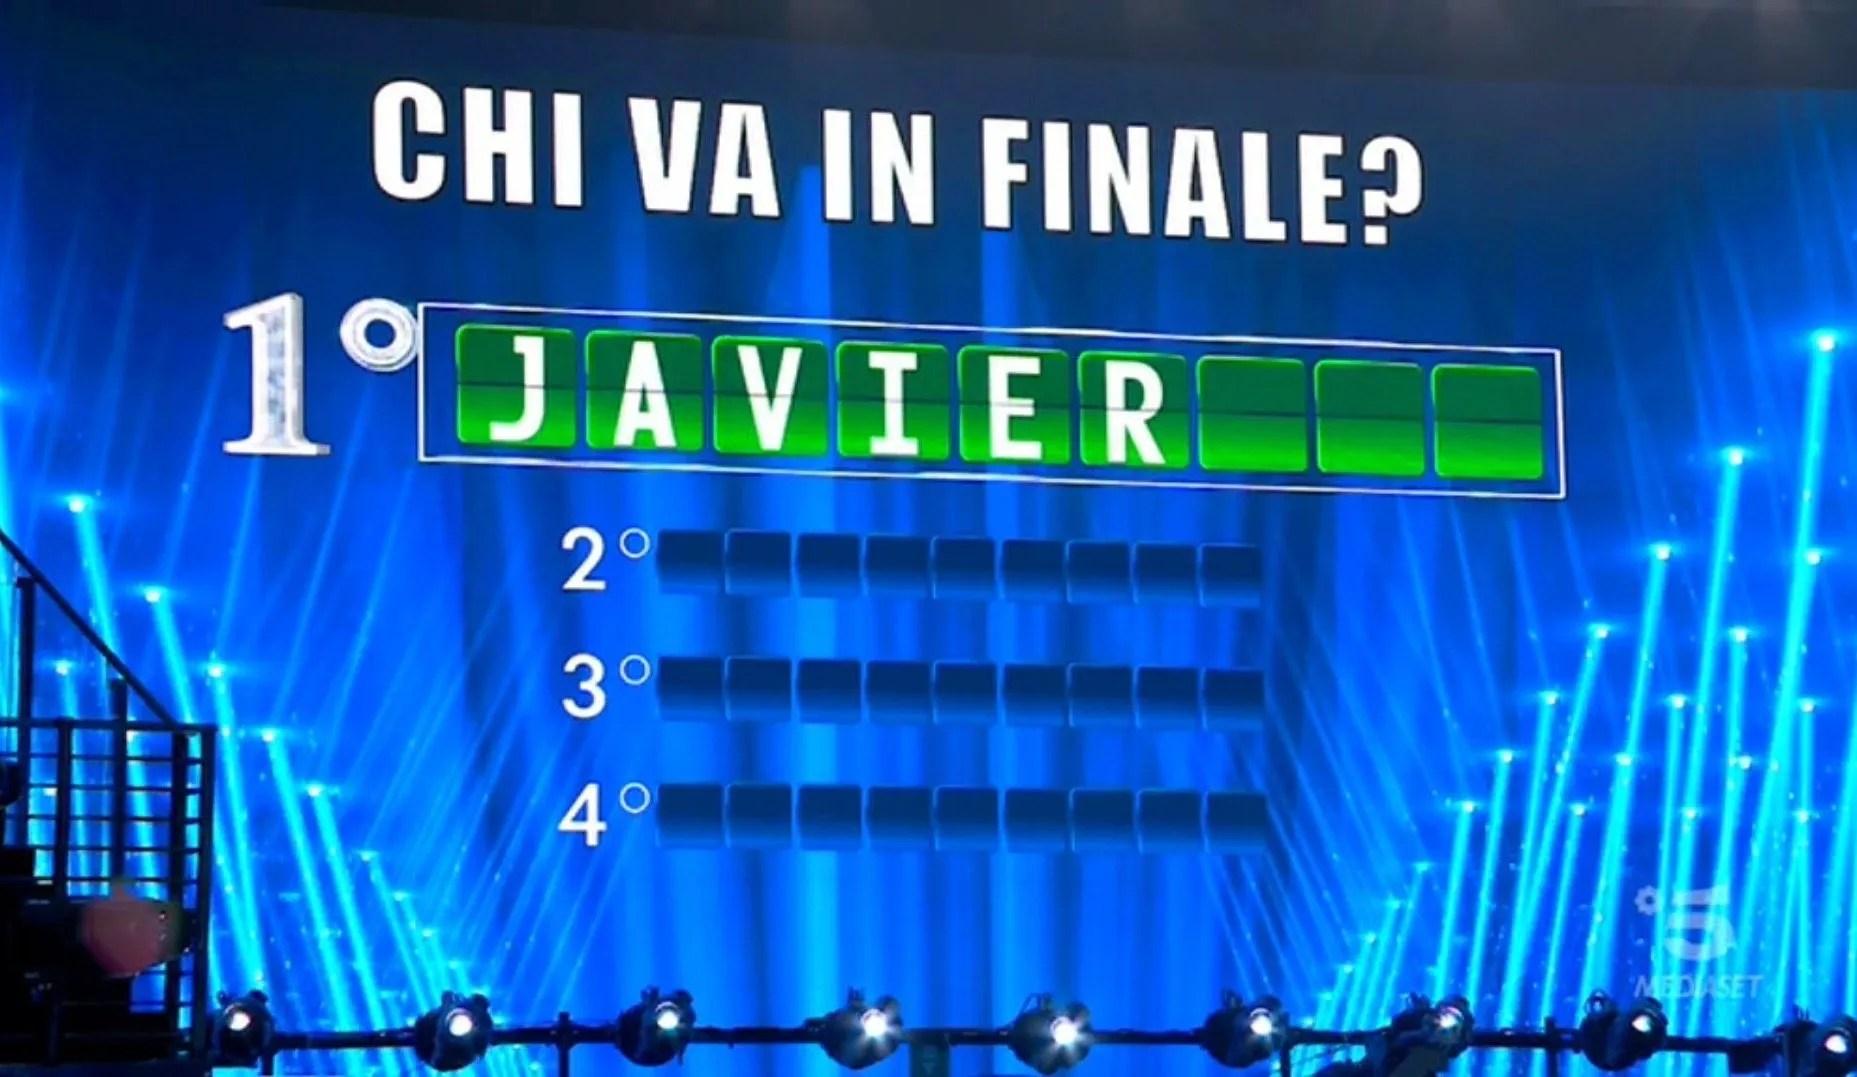 Ascolti TV Social Auditel 27 marzo 2020: Amici 19 la semifinale segna un nuovo record sui social